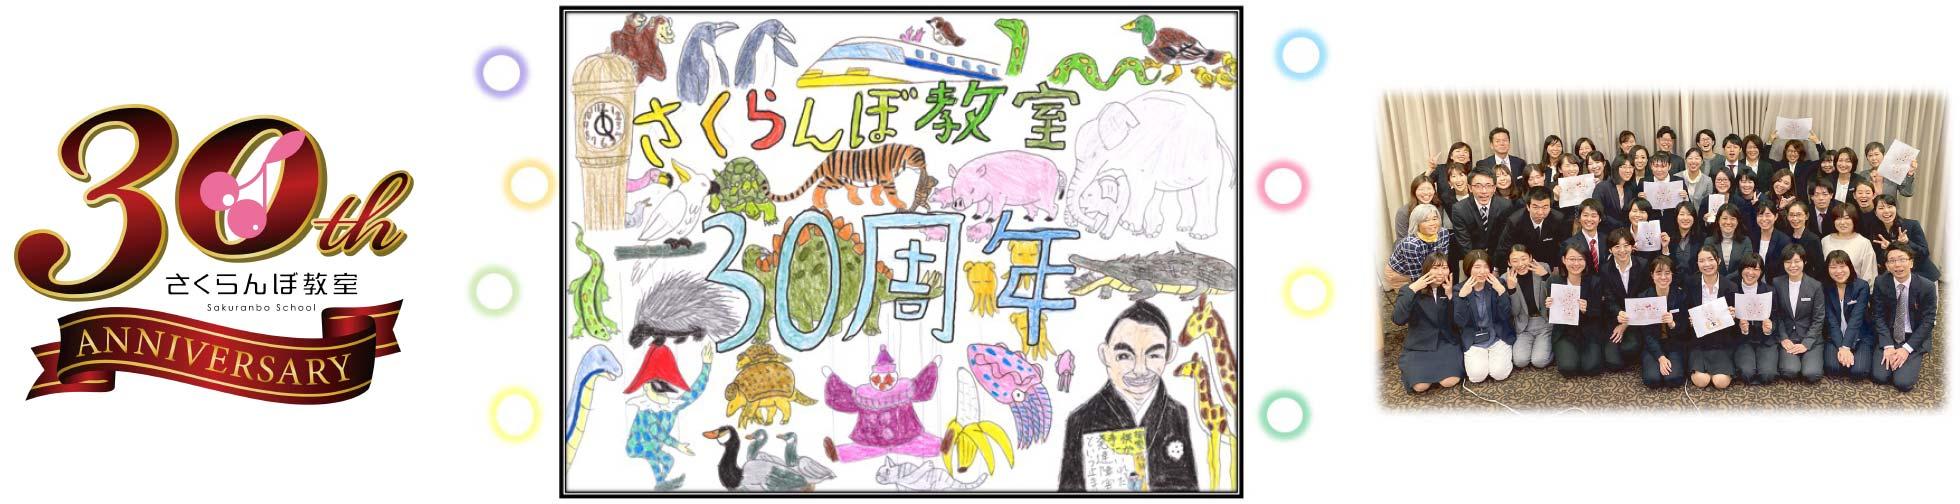 さくらんぼ教室 30th ANNIVERSARY